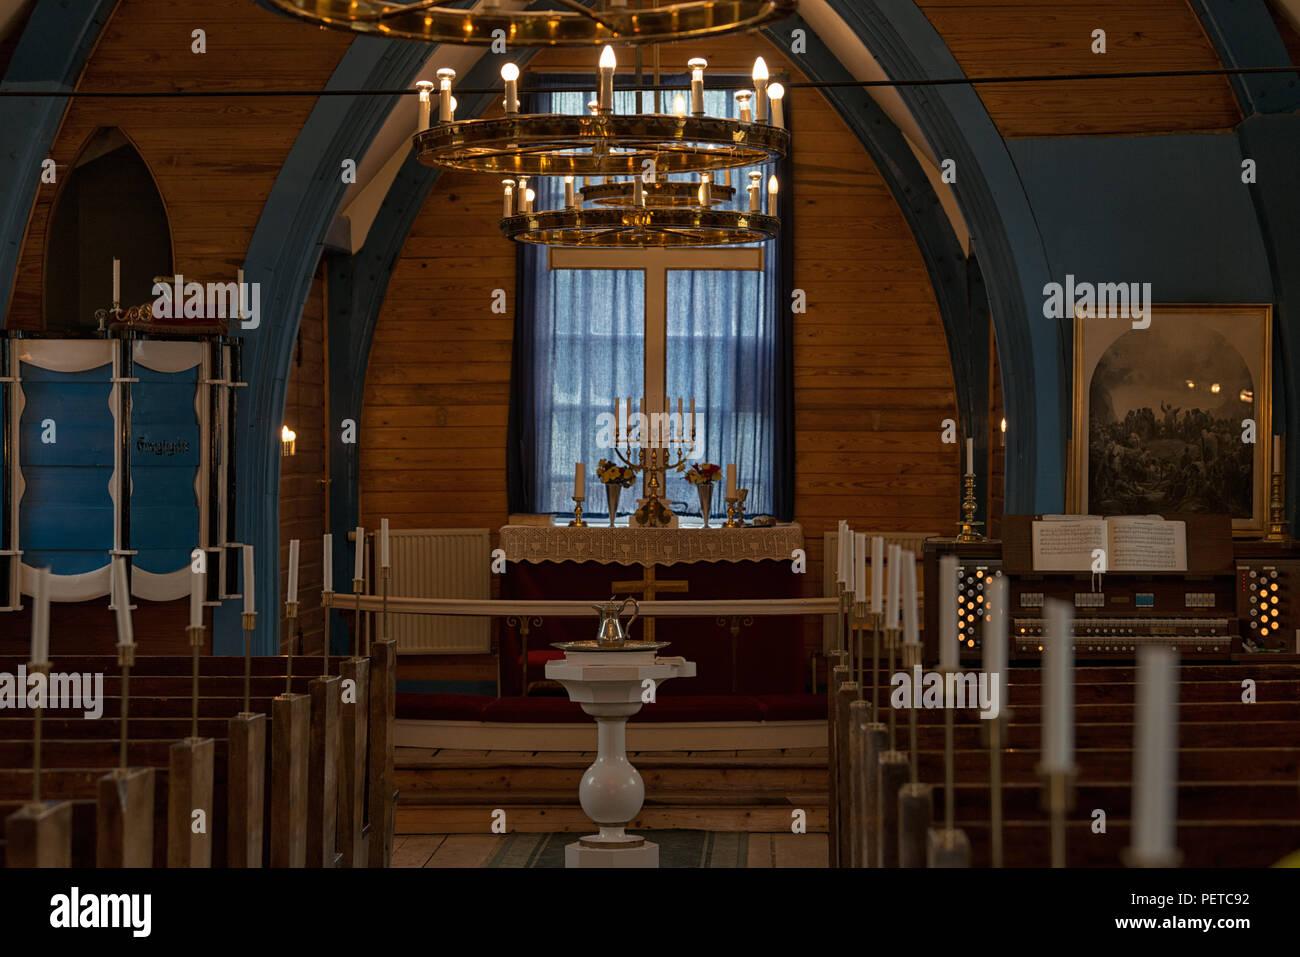 Im Inneren der Kirche von Ittoqqortoormiit, Grönland, 2017 Stockbild